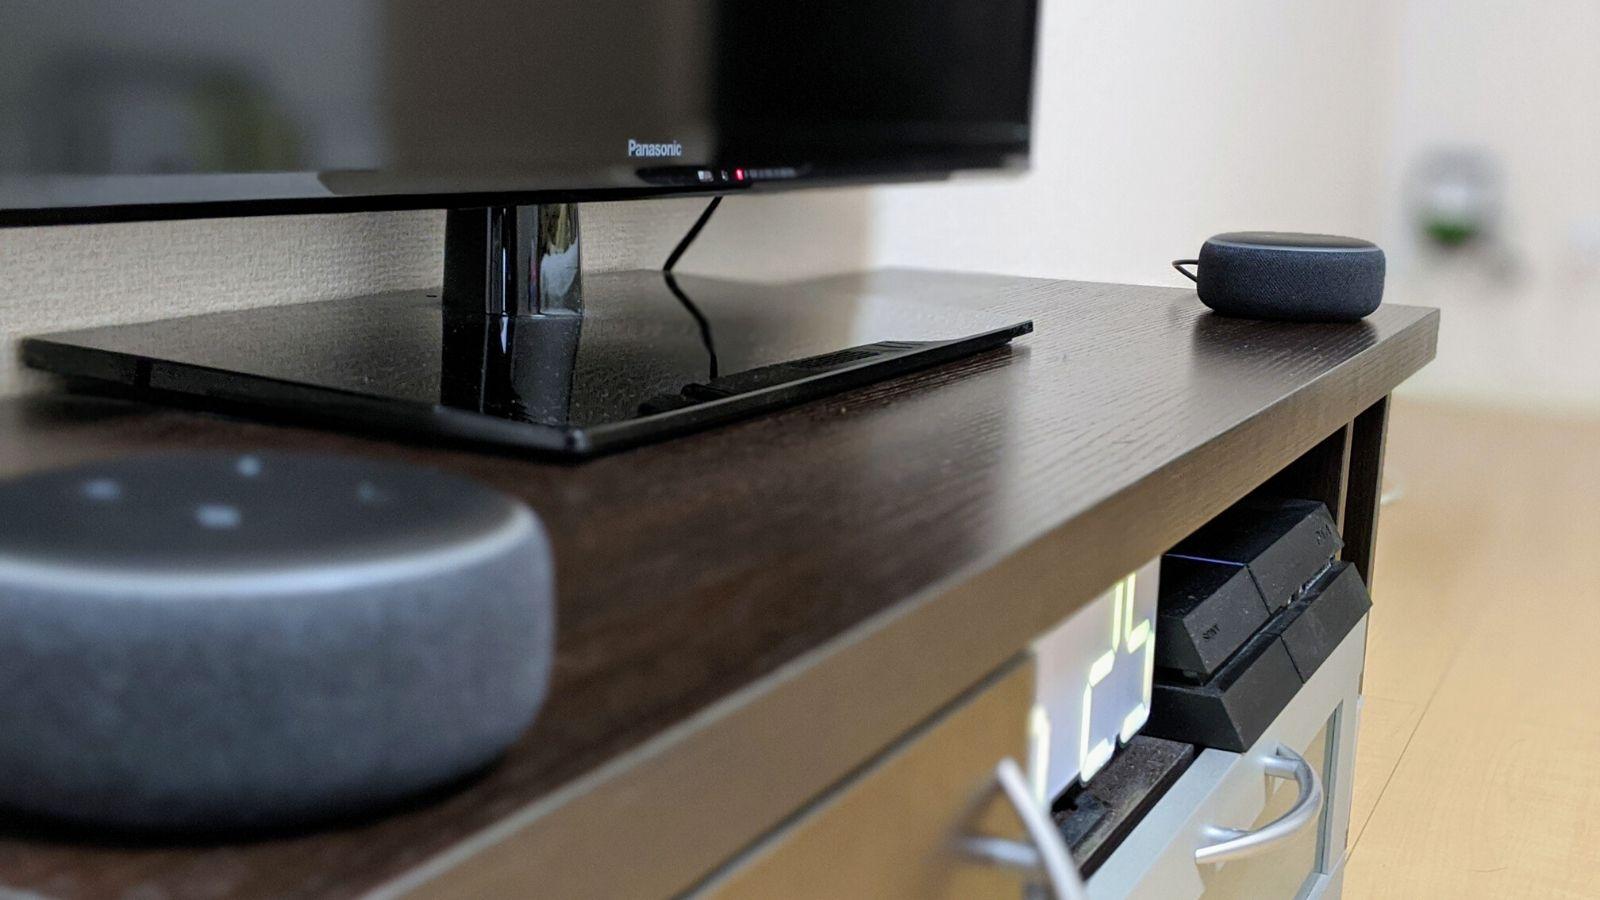 【Amazon】2台のEcho Dotでステレオ再生させてお部屋の快適度をアップ。設定も簡単!【スマートスピーカー】